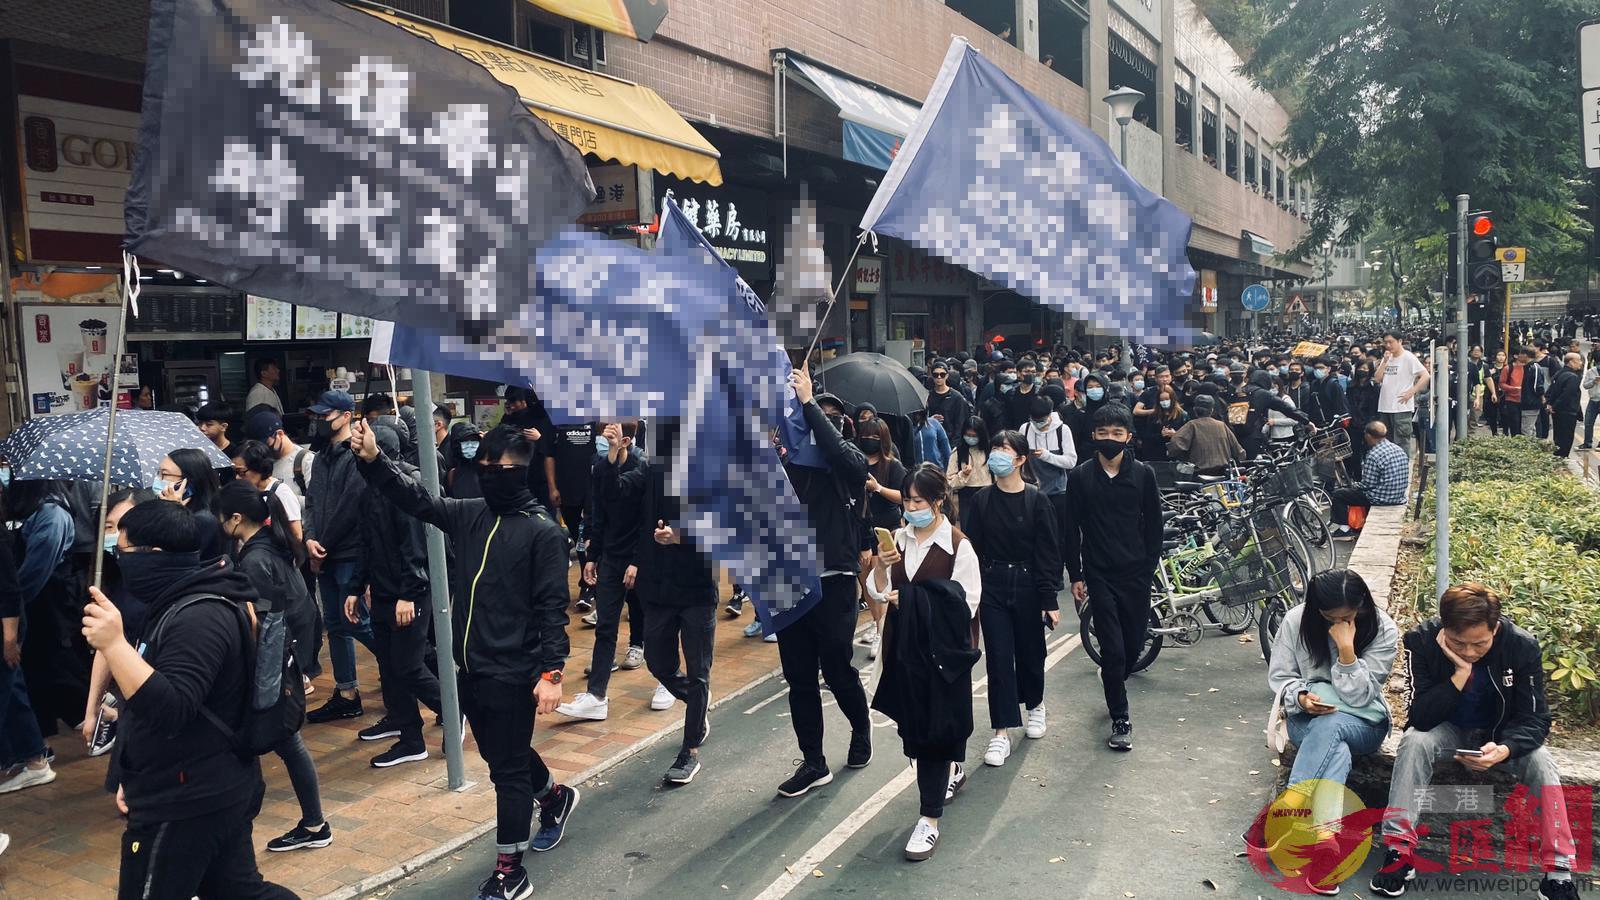 昨日(5日)由反對派發起的北區反水貨客集會及遊行,隊伍中充斥其他各類訴求旗幟。